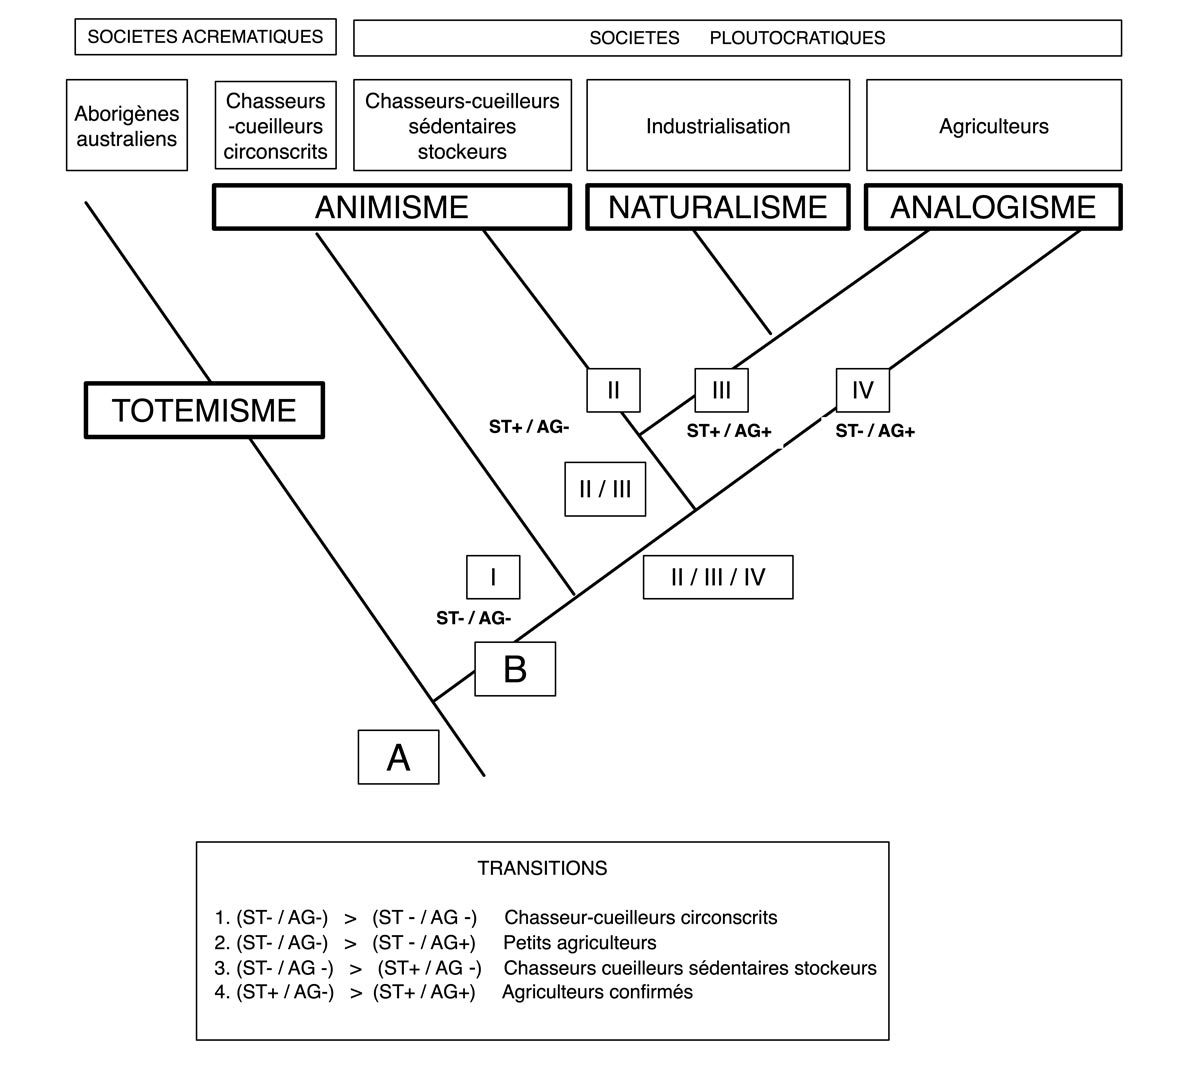 Fig.3. Insertion des ontologies retenues par Philiippe Descola dans un schéma cladistique des divers types de sociétés.